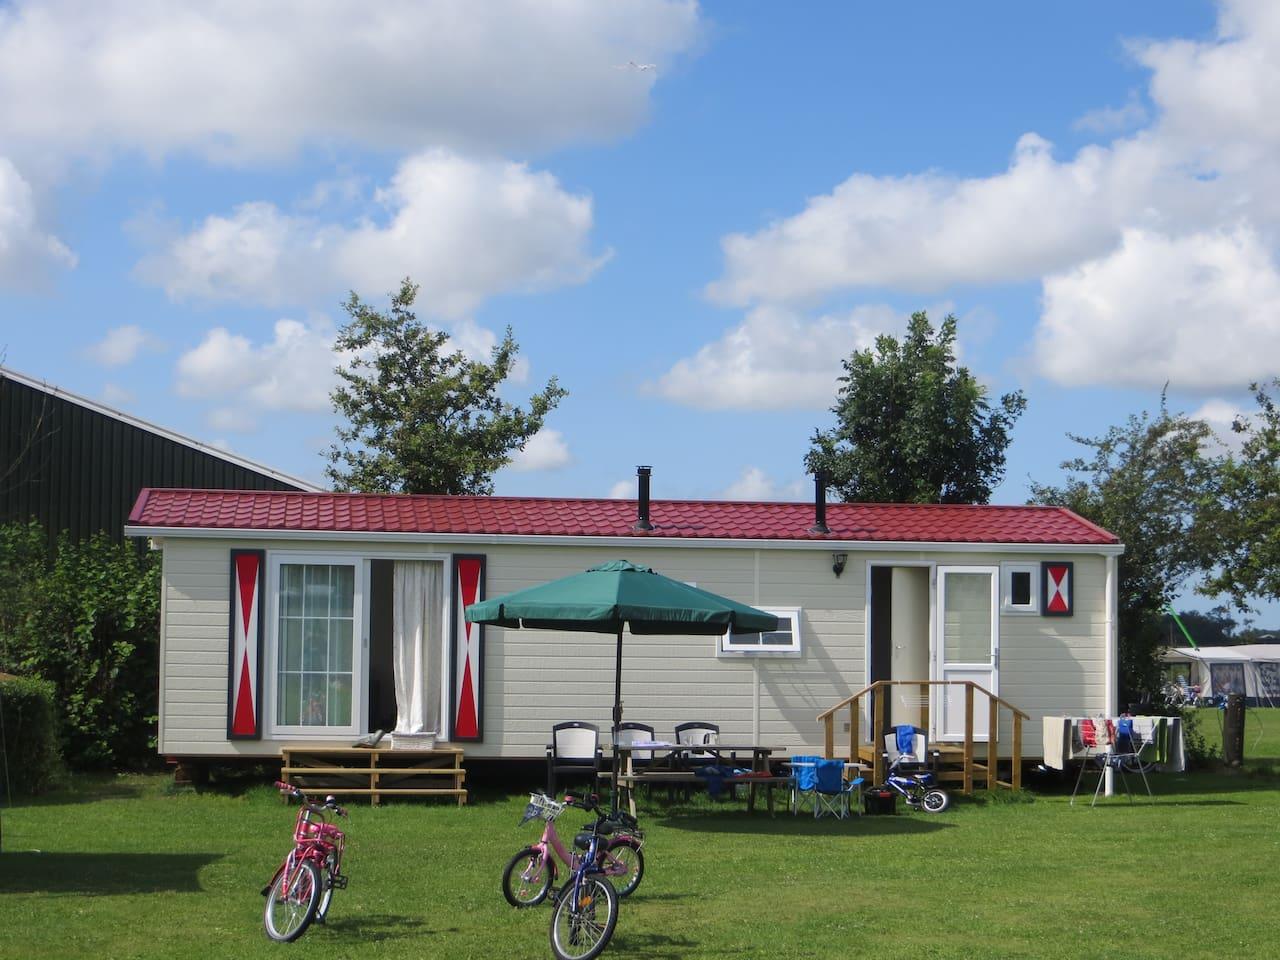 De Top 20 Chalets om te huren in Zeeland - Airbnb: chalet huren ...